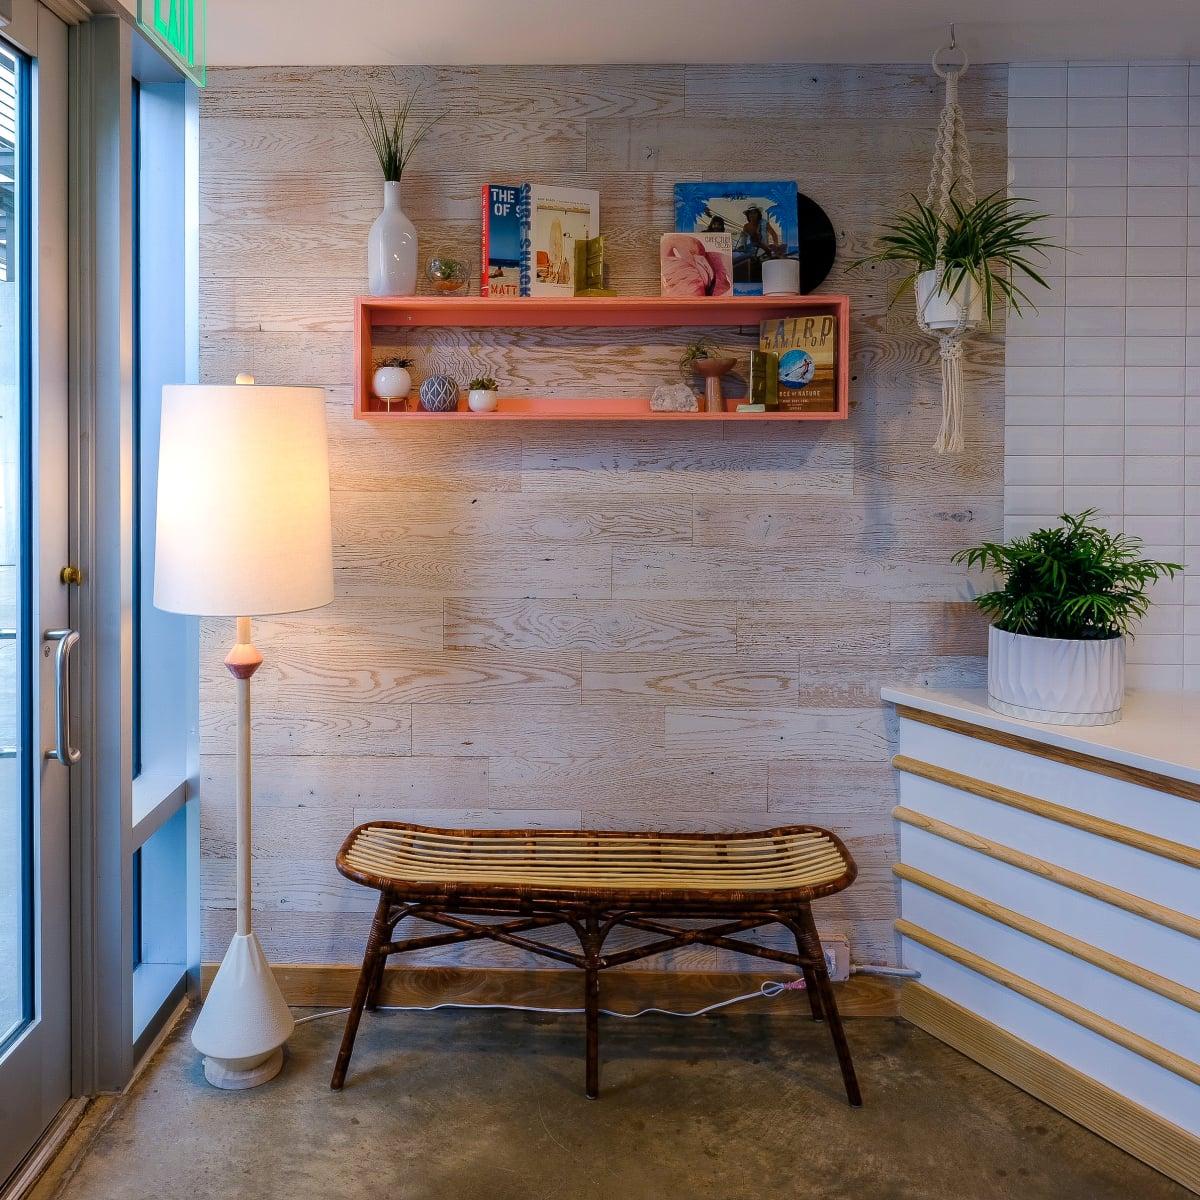 Malibu Poke interior 3